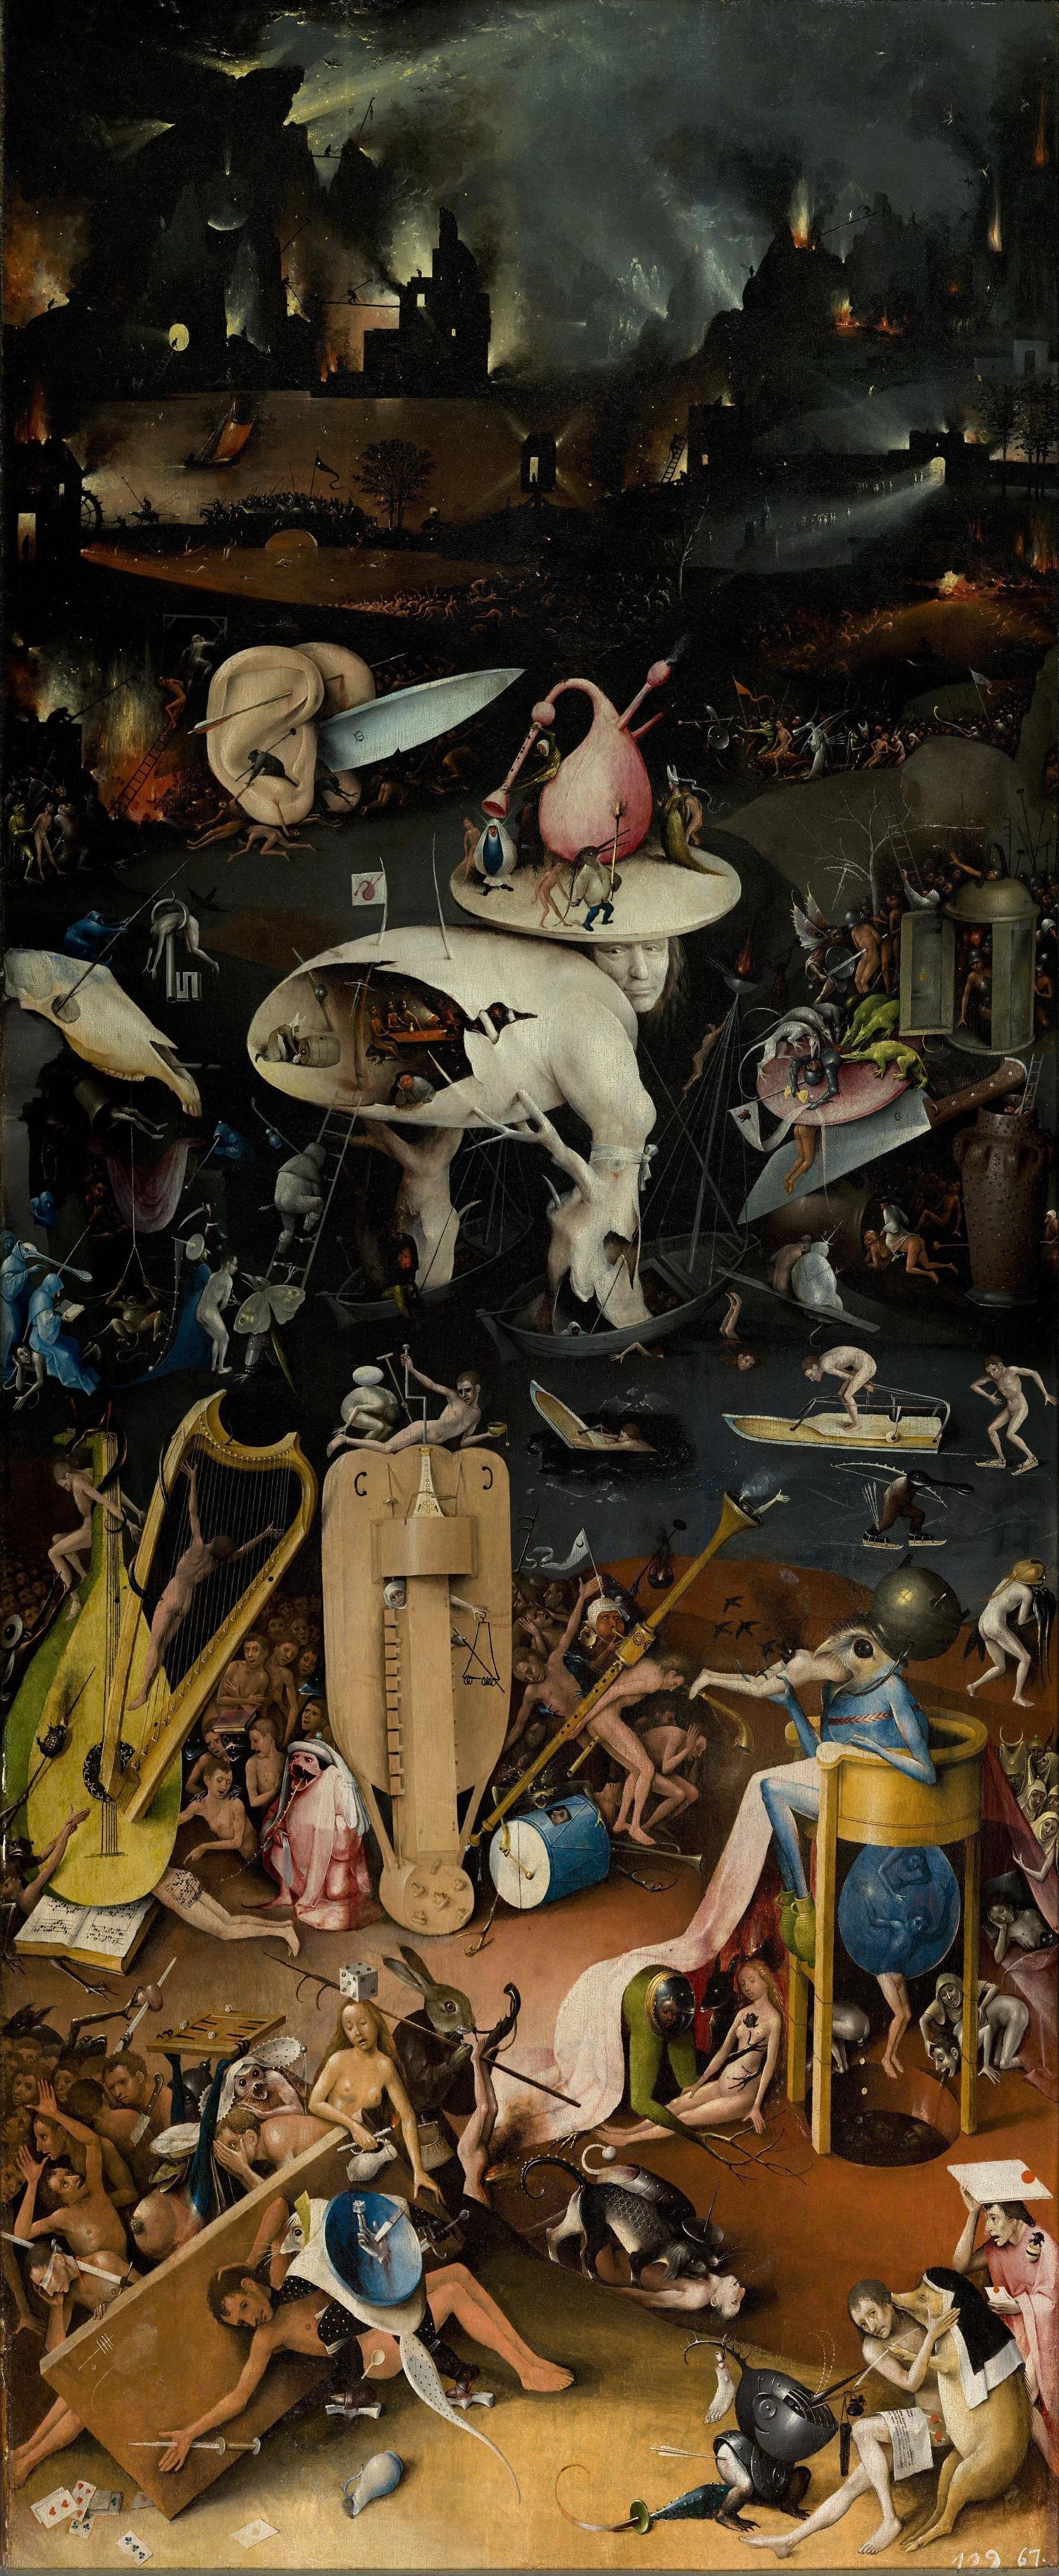 Jérôme Bosch, panneau de droite du triptyque, Le Jardin des délices, 1480-1505